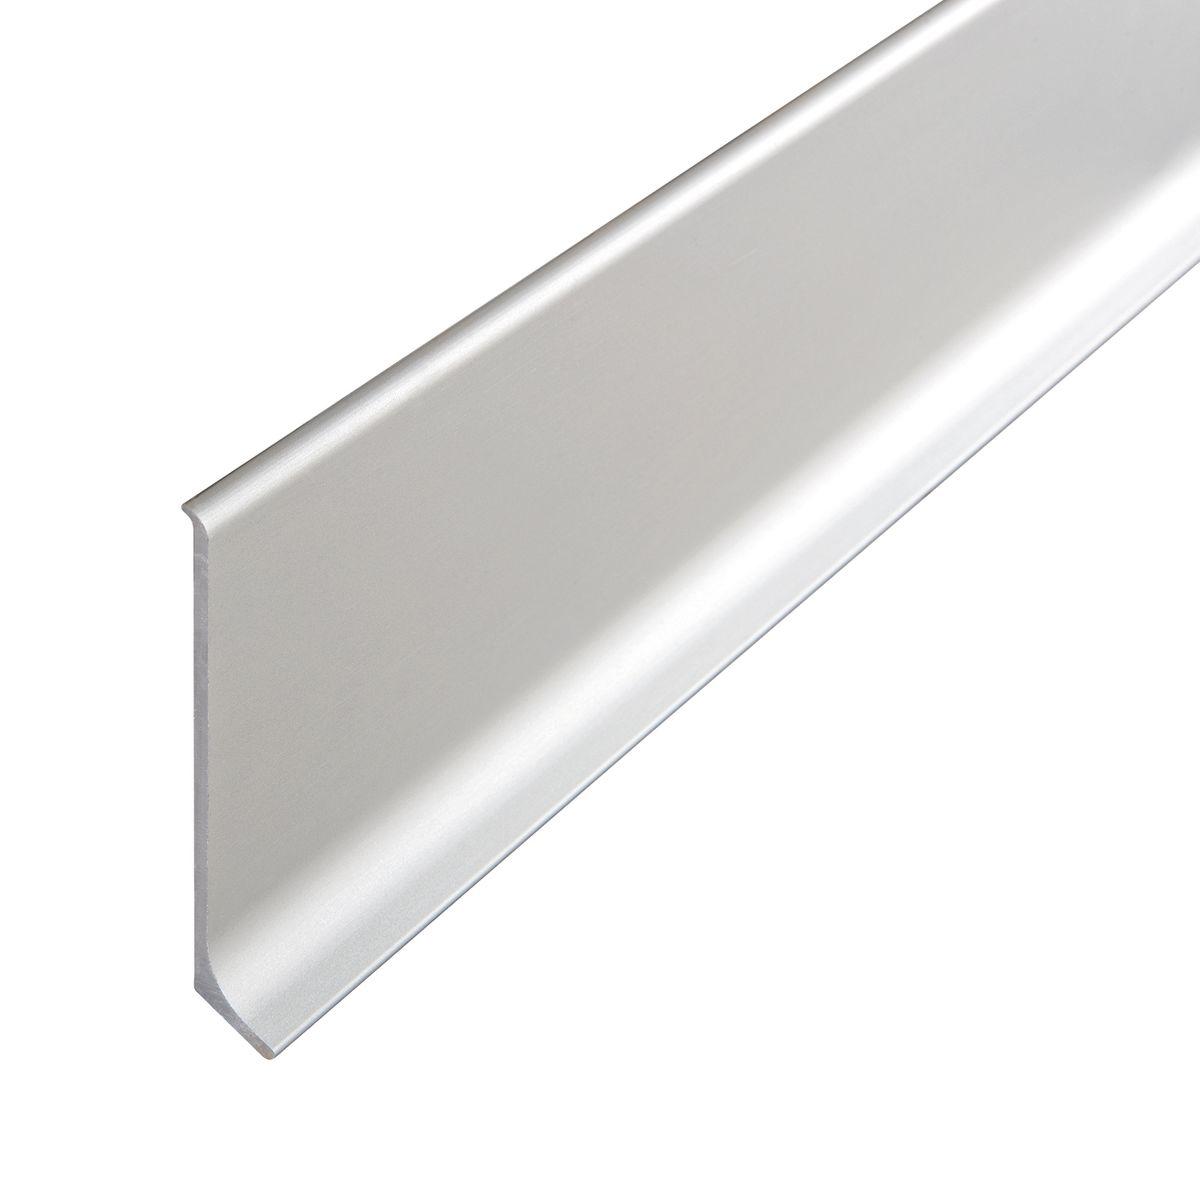 pavimento laminato per bagno leroy merlin: battiscopa per laminati